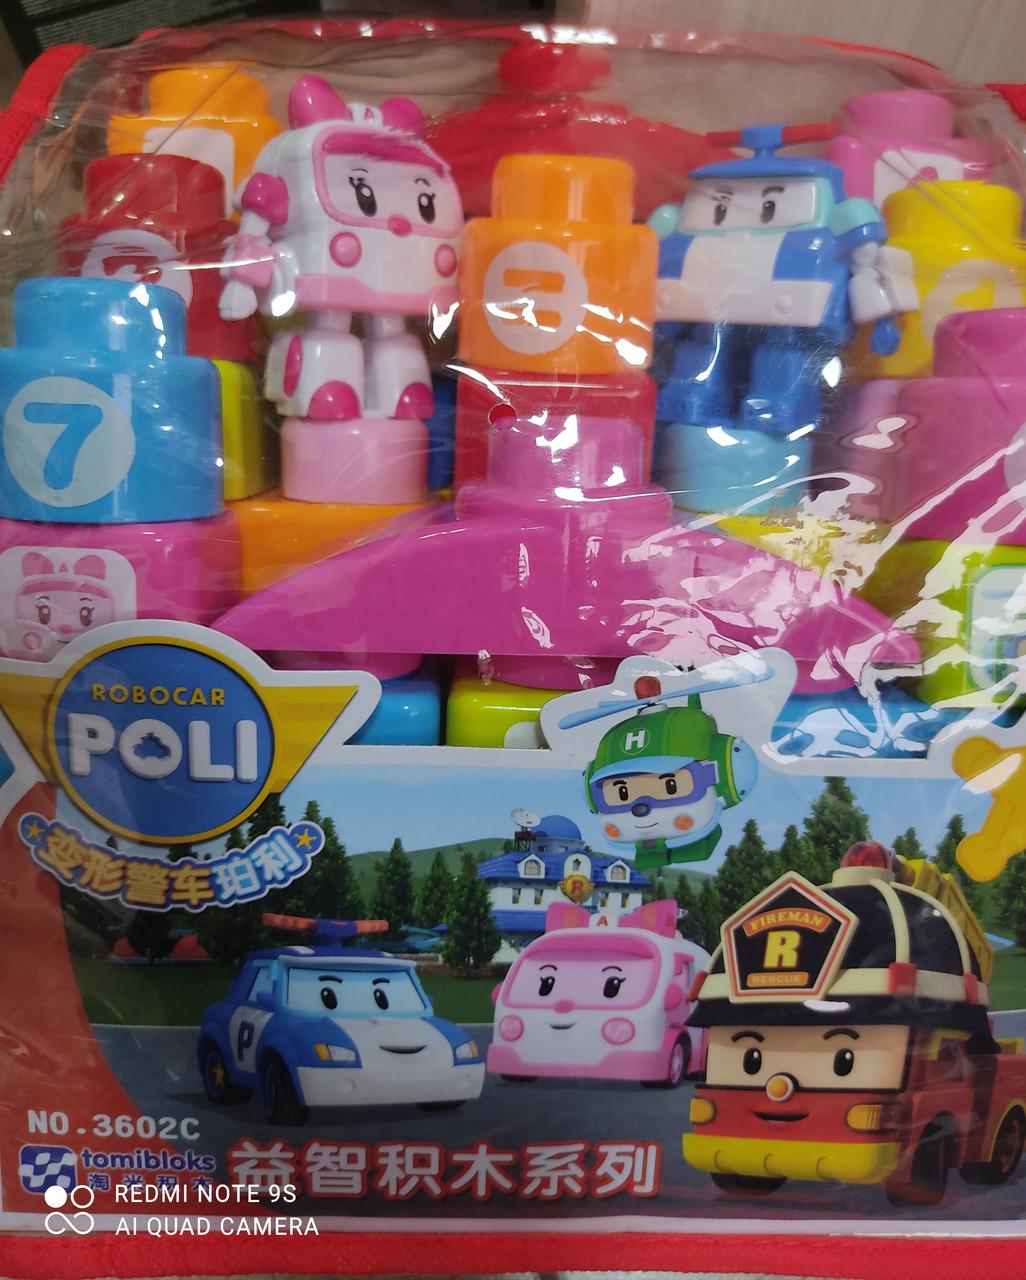 3602 Robocar Poli Детский конструктор (33 предмета)